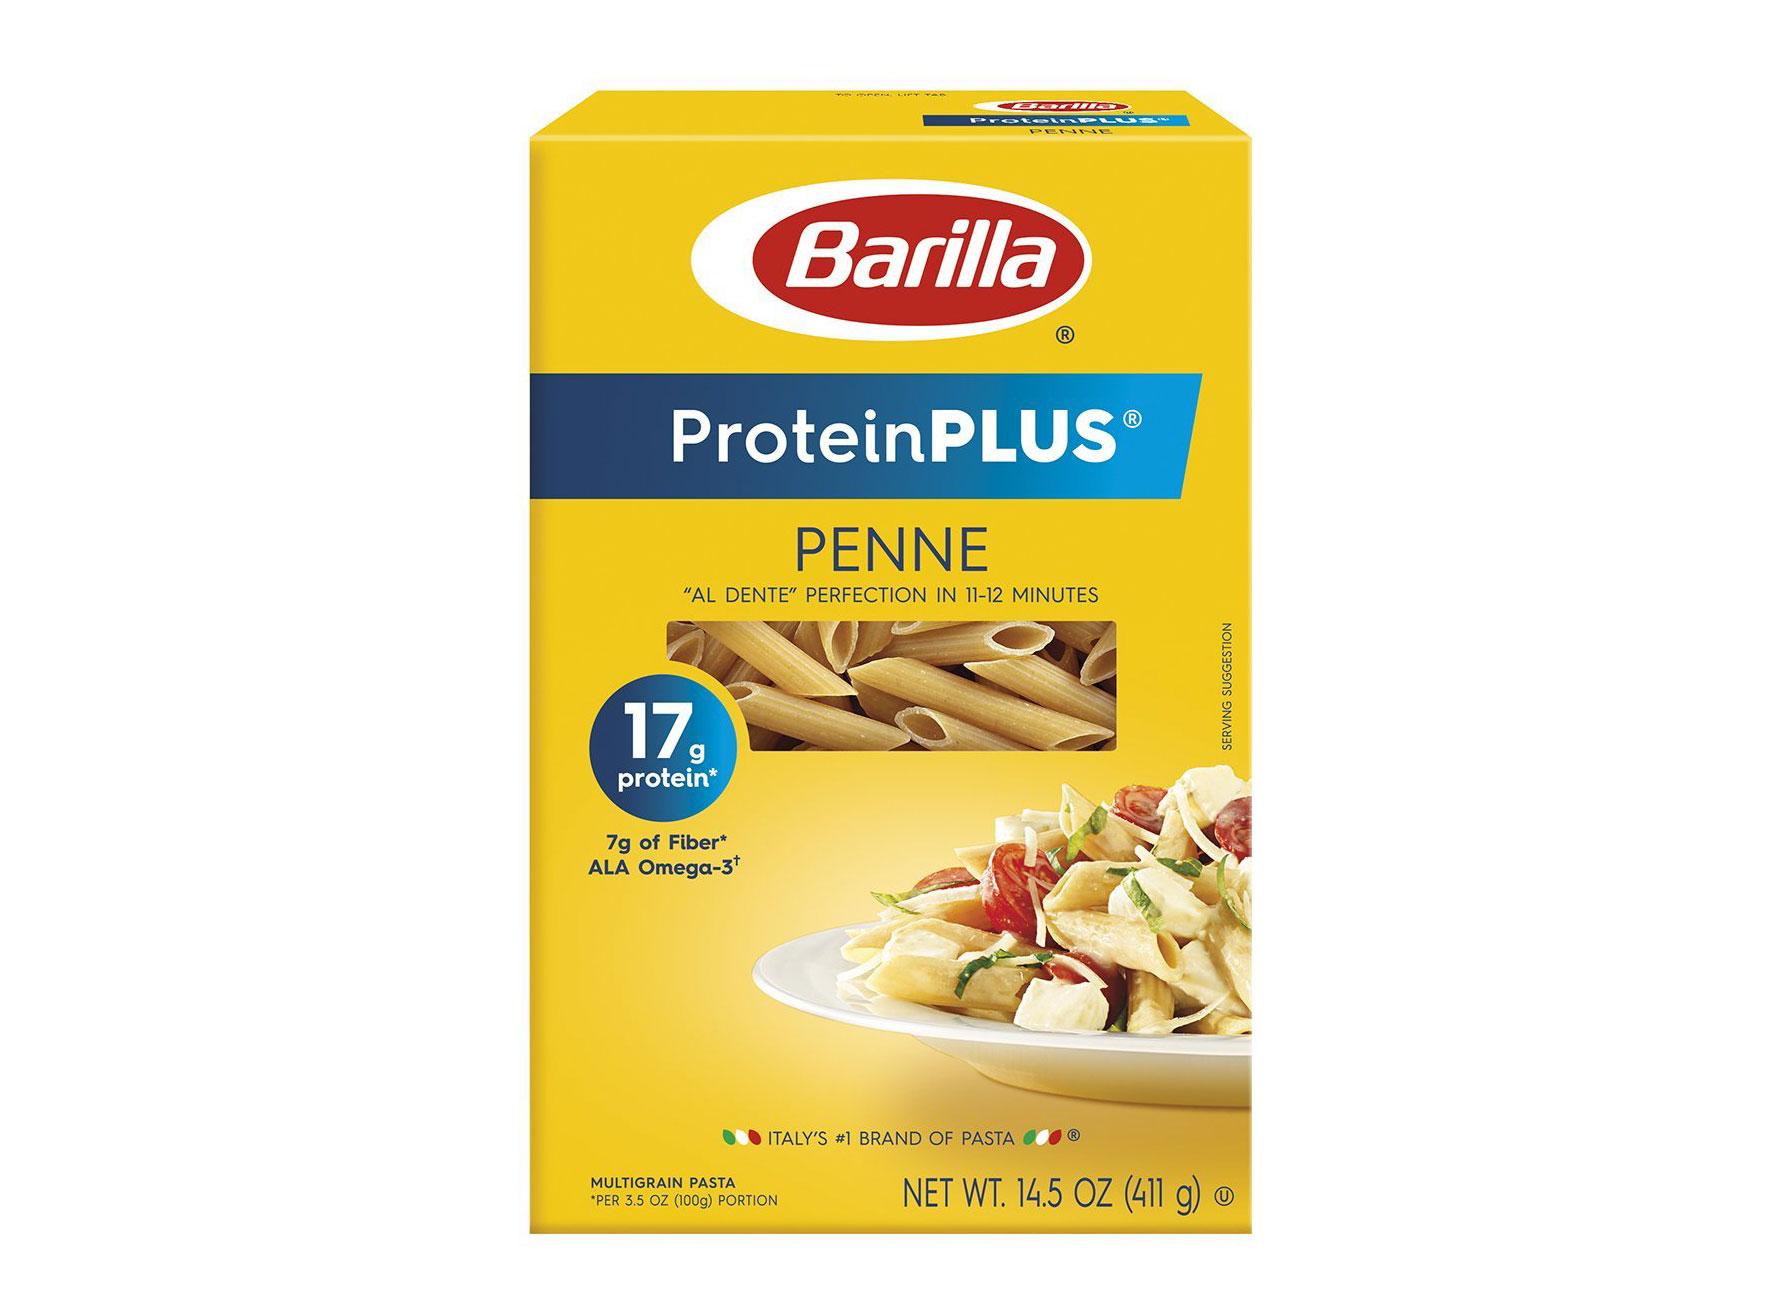 Barilla Protein Plus Penne